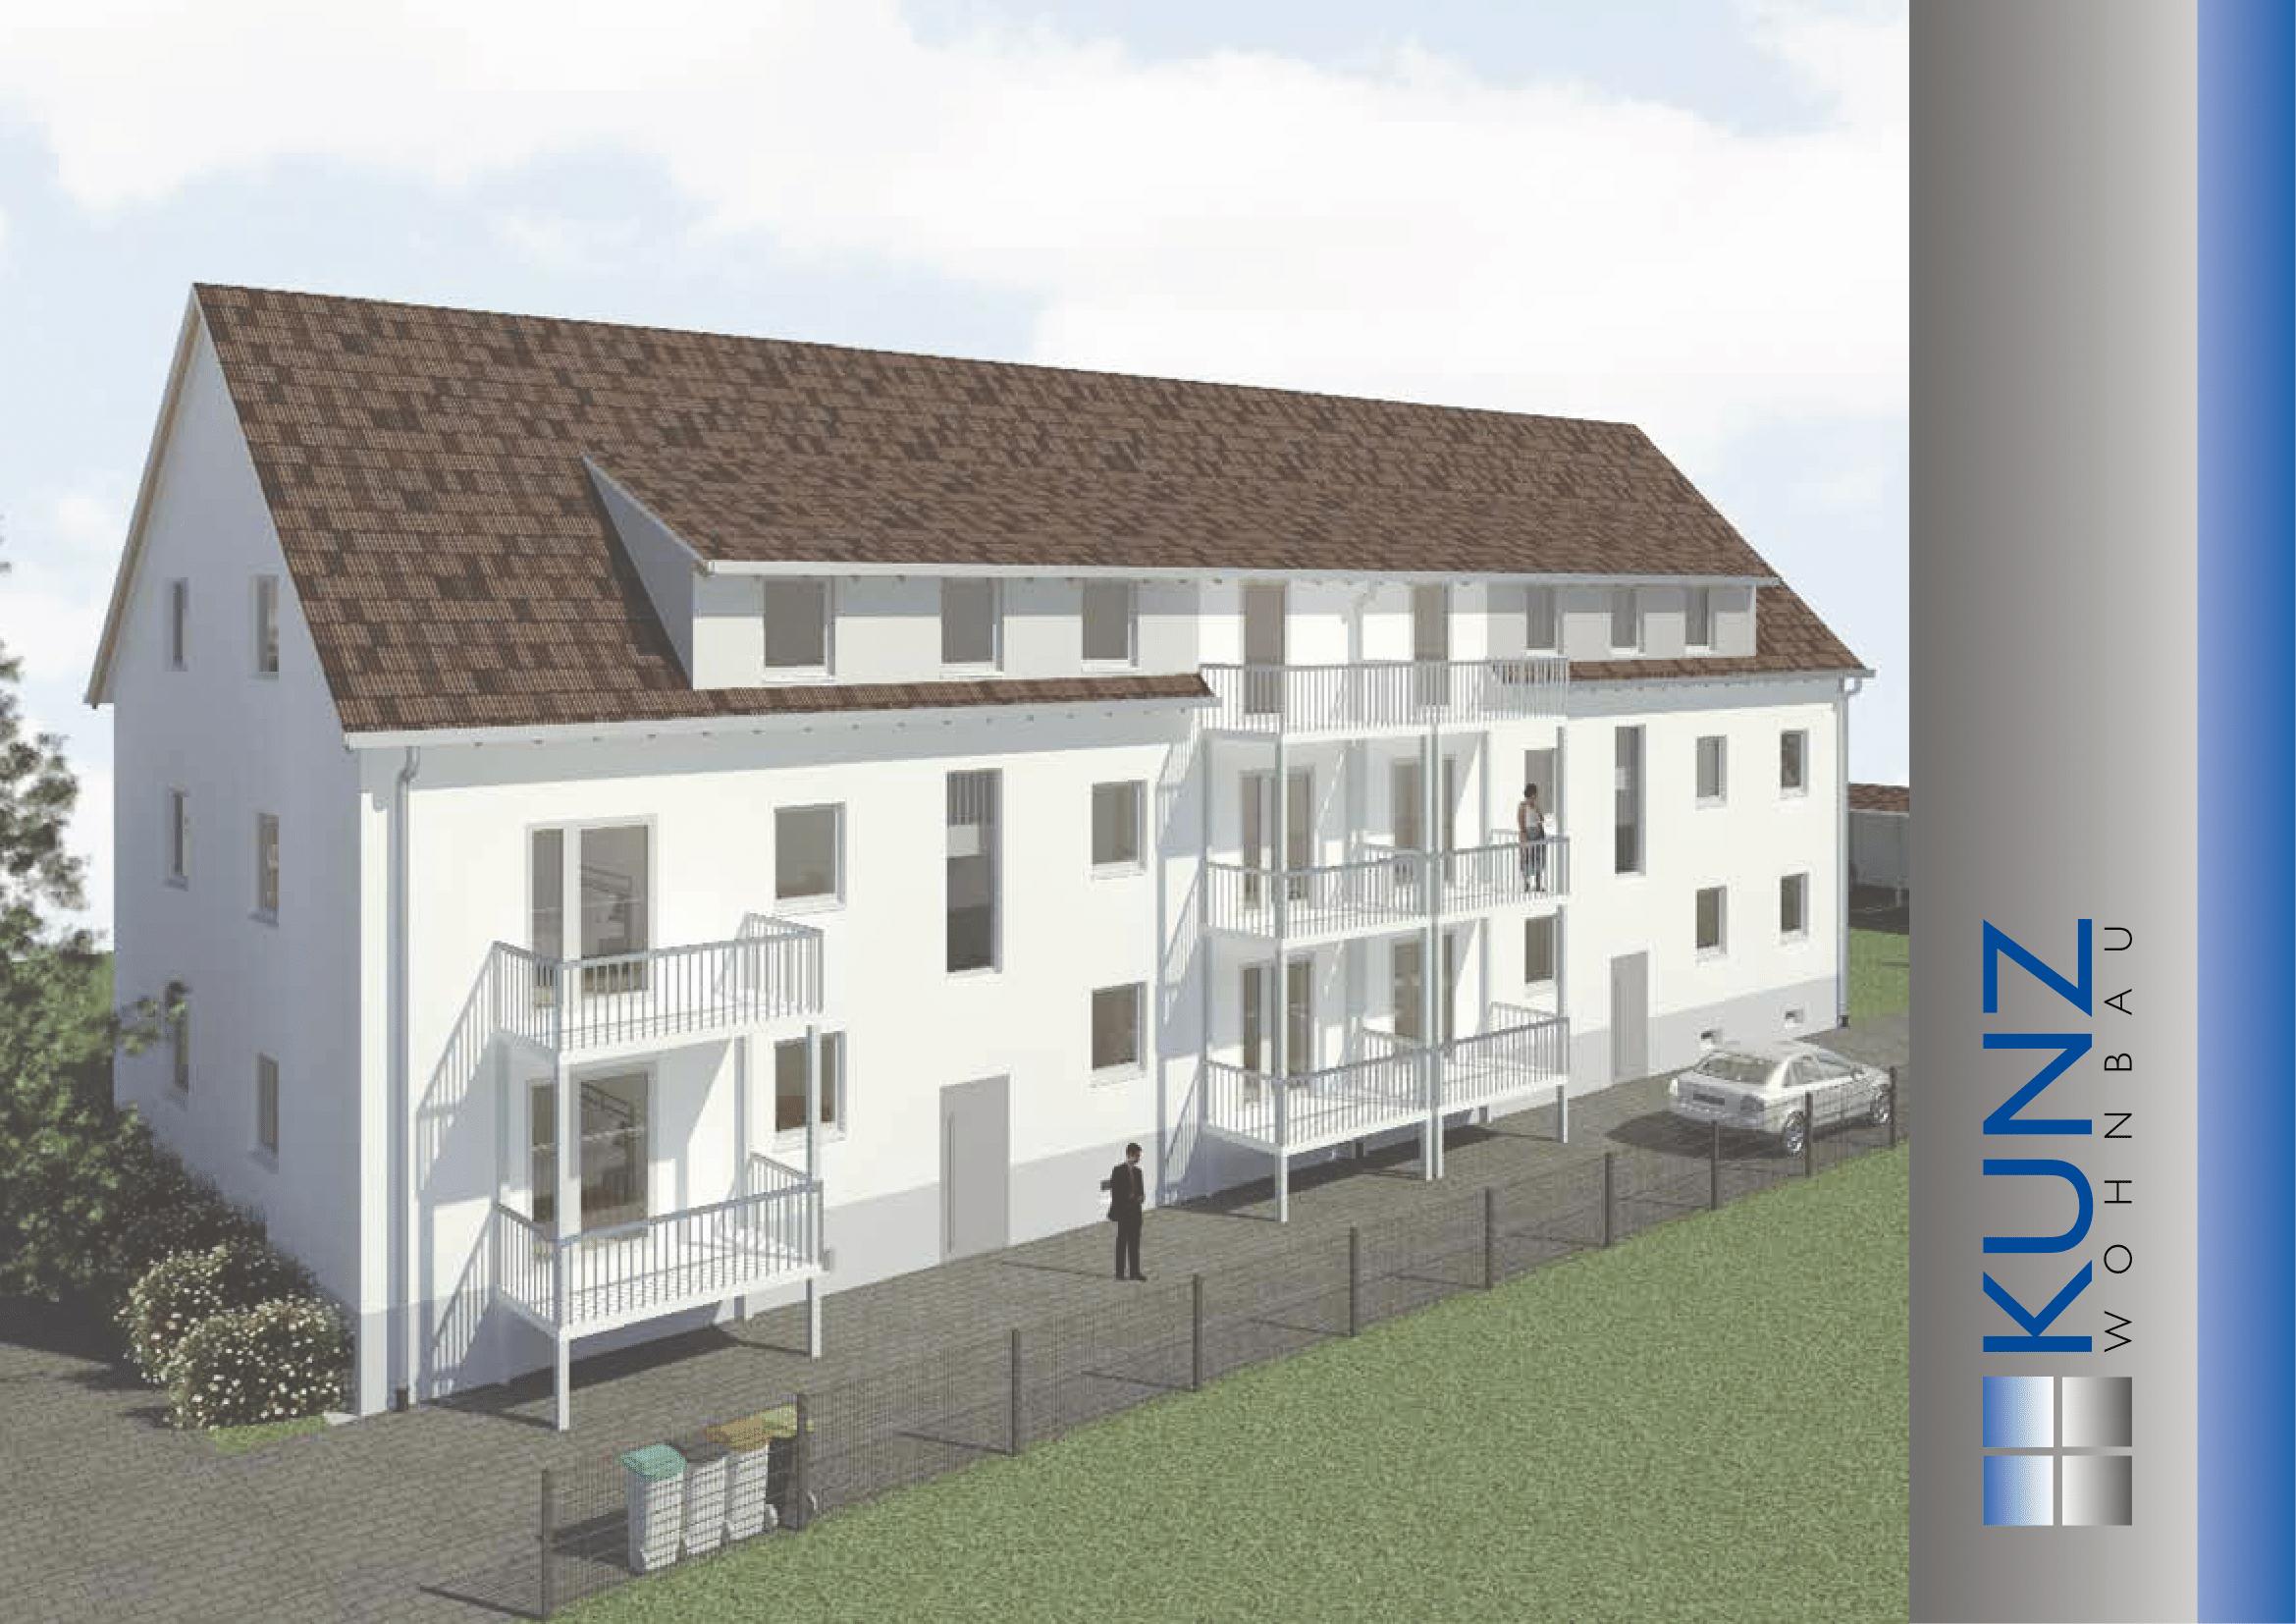 Mehrfamilienhaus mit 12 Wohneinheiten